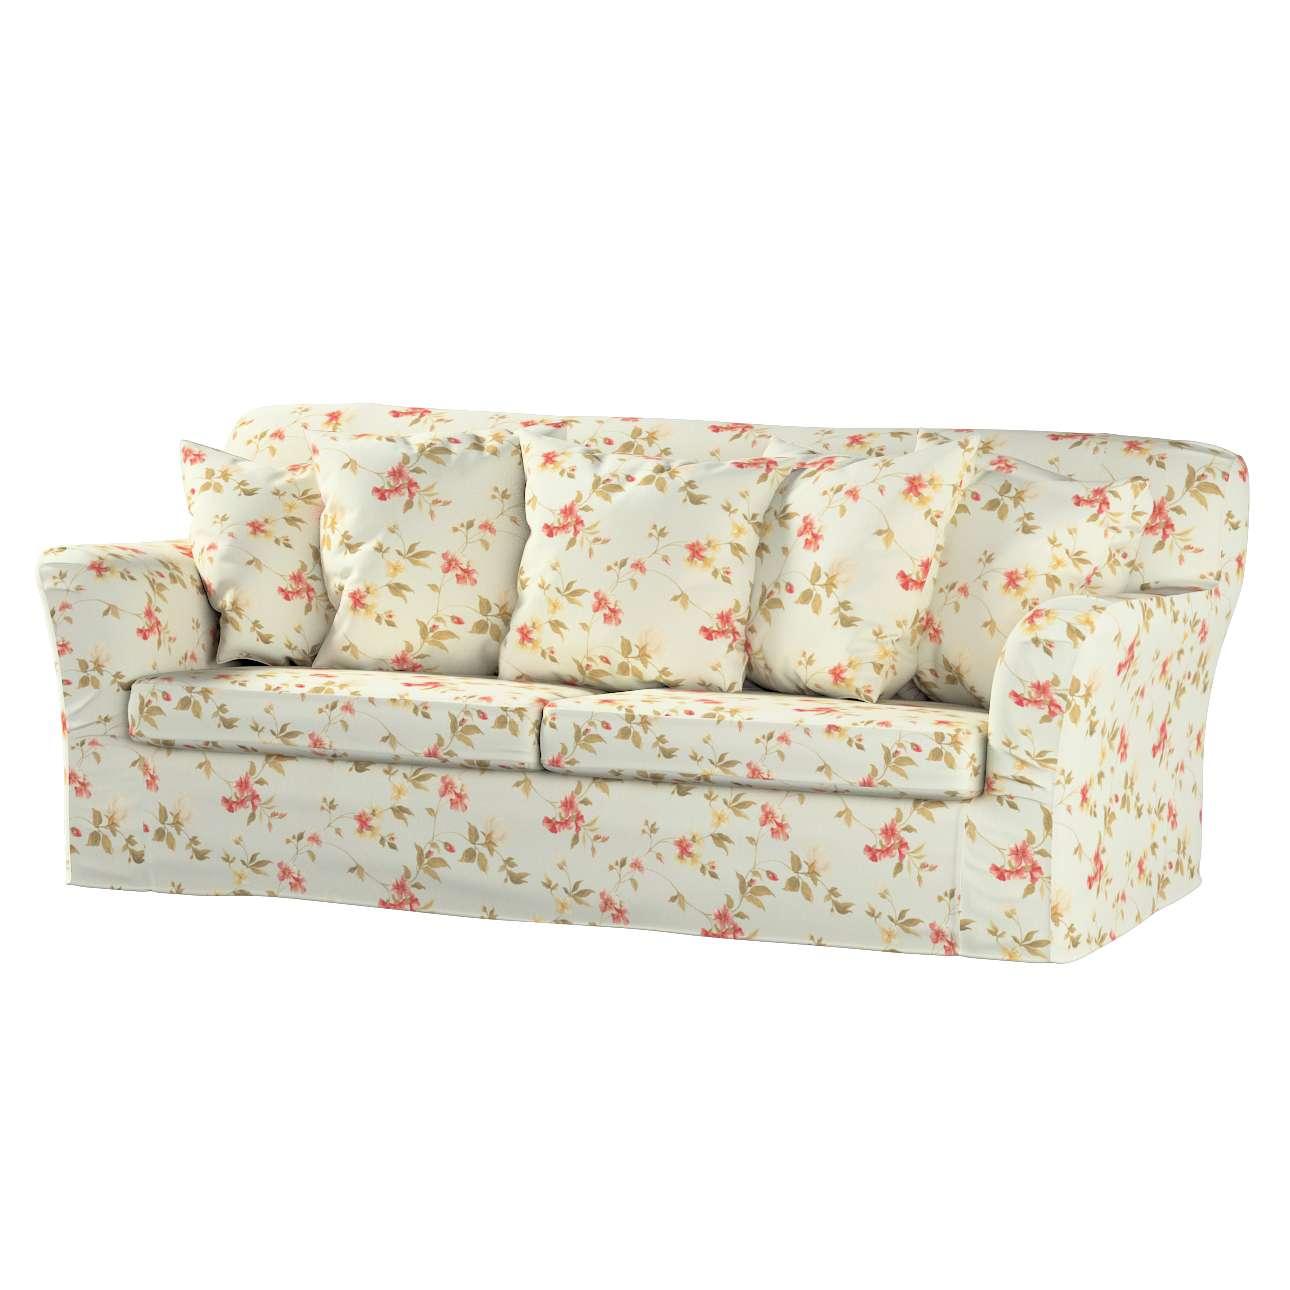 Pokrowiec na sofę Tomelilla rozkładaną Sofa Tomelilla rozkładana w kolekcji Londres, tkanina: 124-65